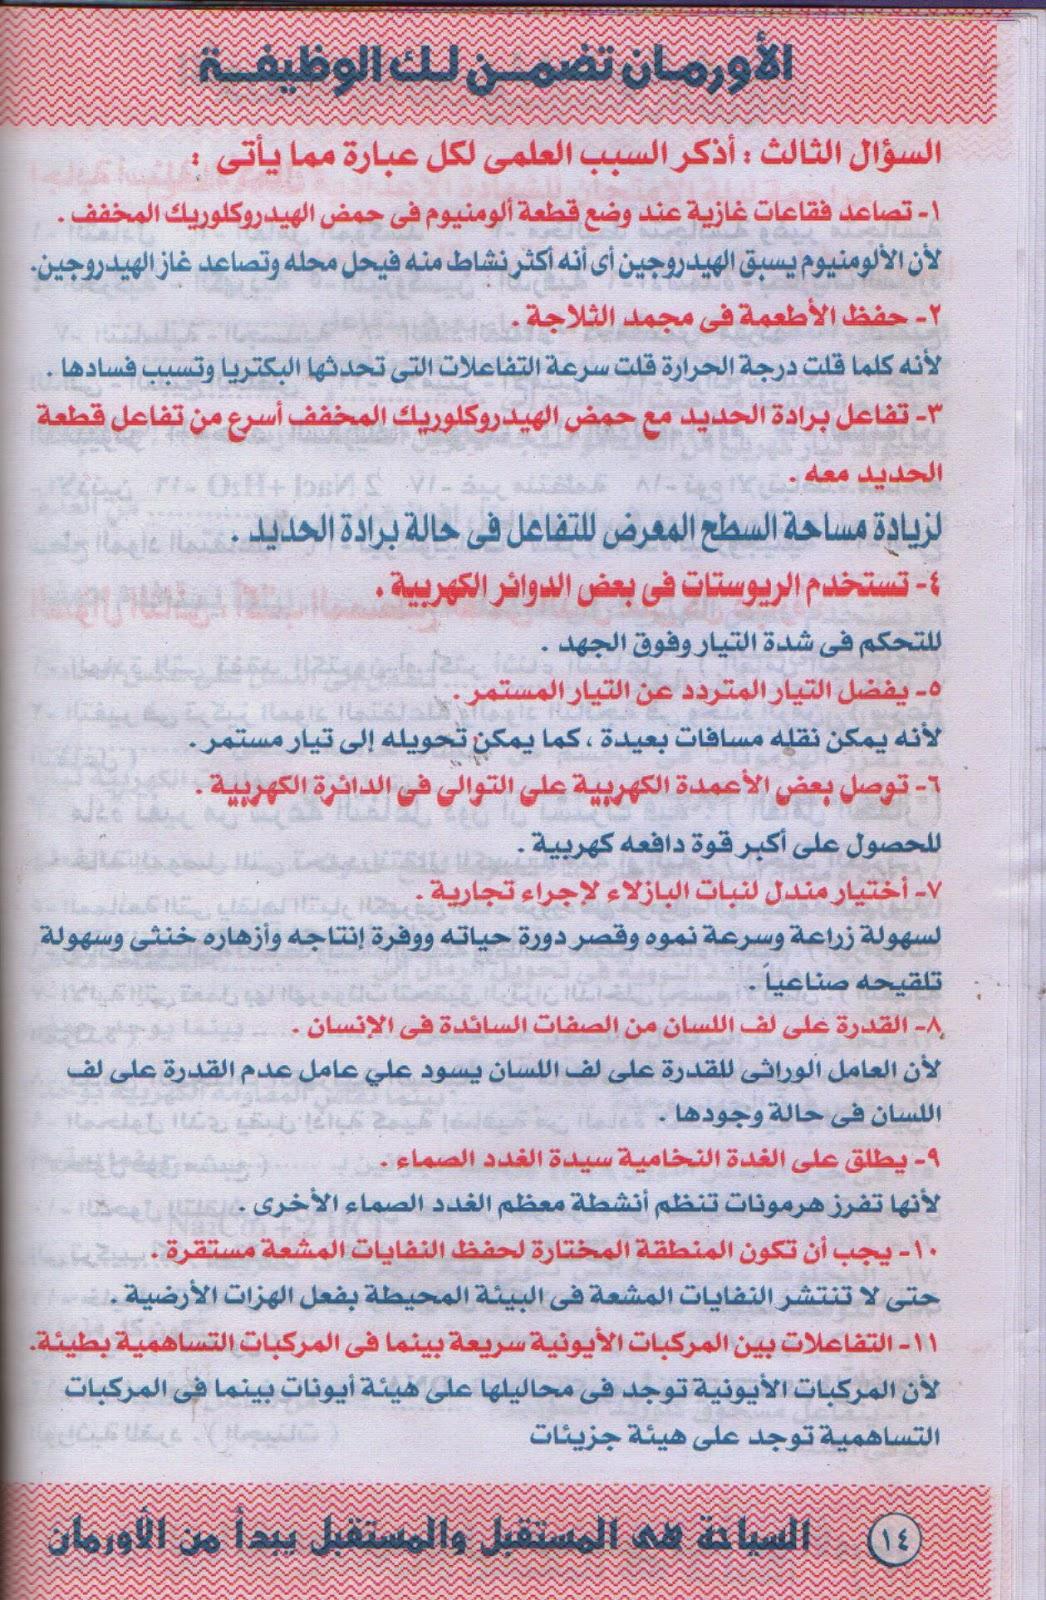 مراجعة علوم ترم 2 الثالث الإعدادى 3.jpg